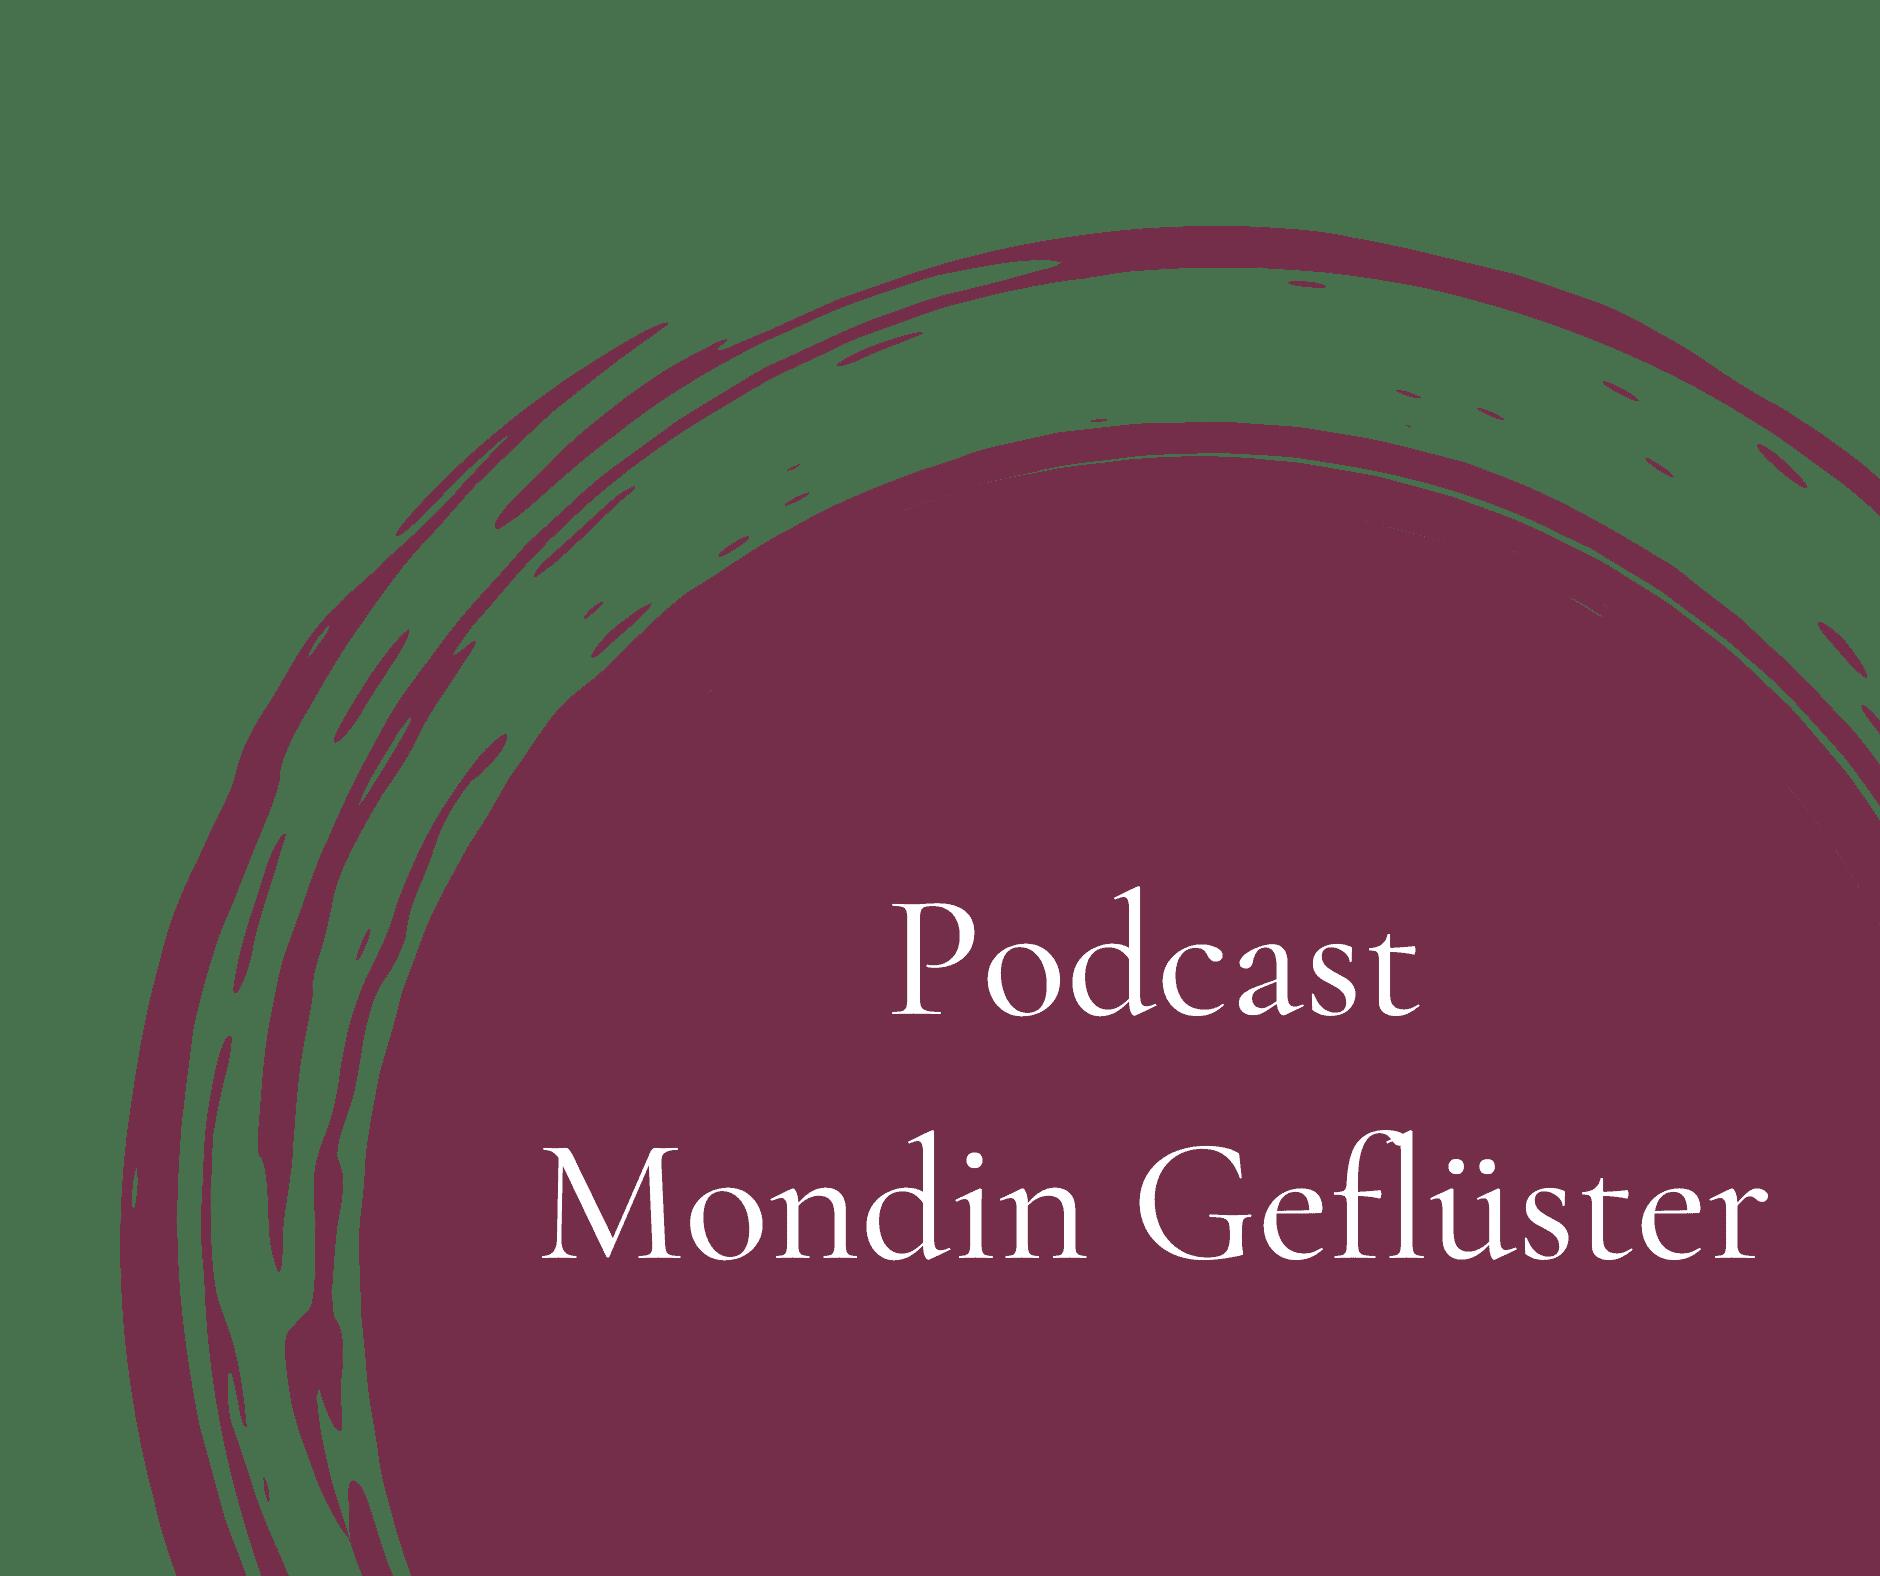 Podcast Mondin Geflüster